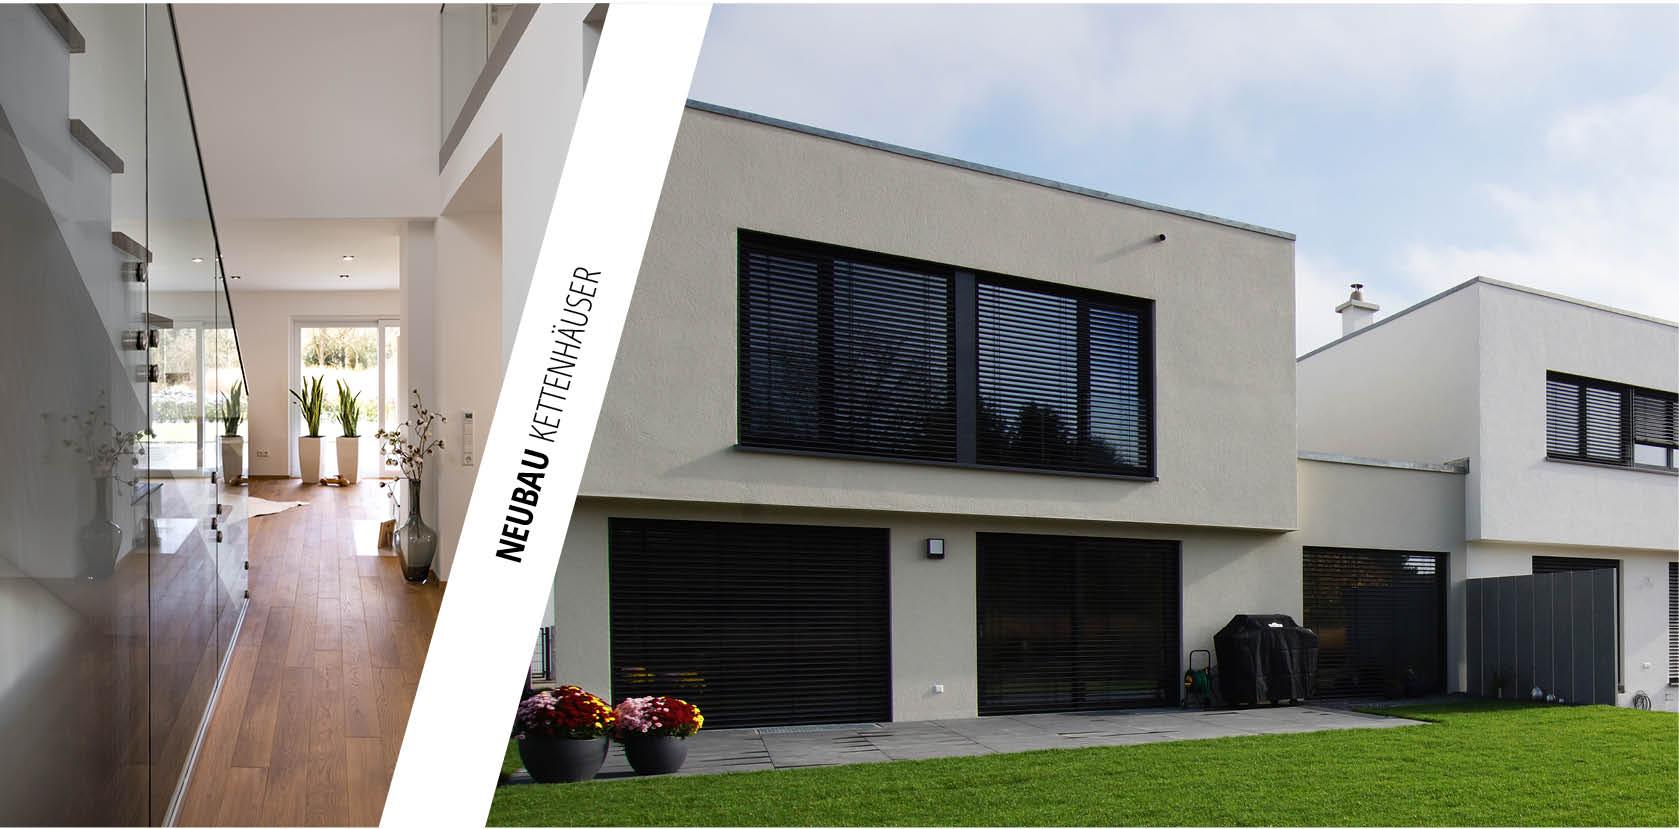 Architekten Ulm arc studio carnevale weinreich architekten ulm architekturbüro